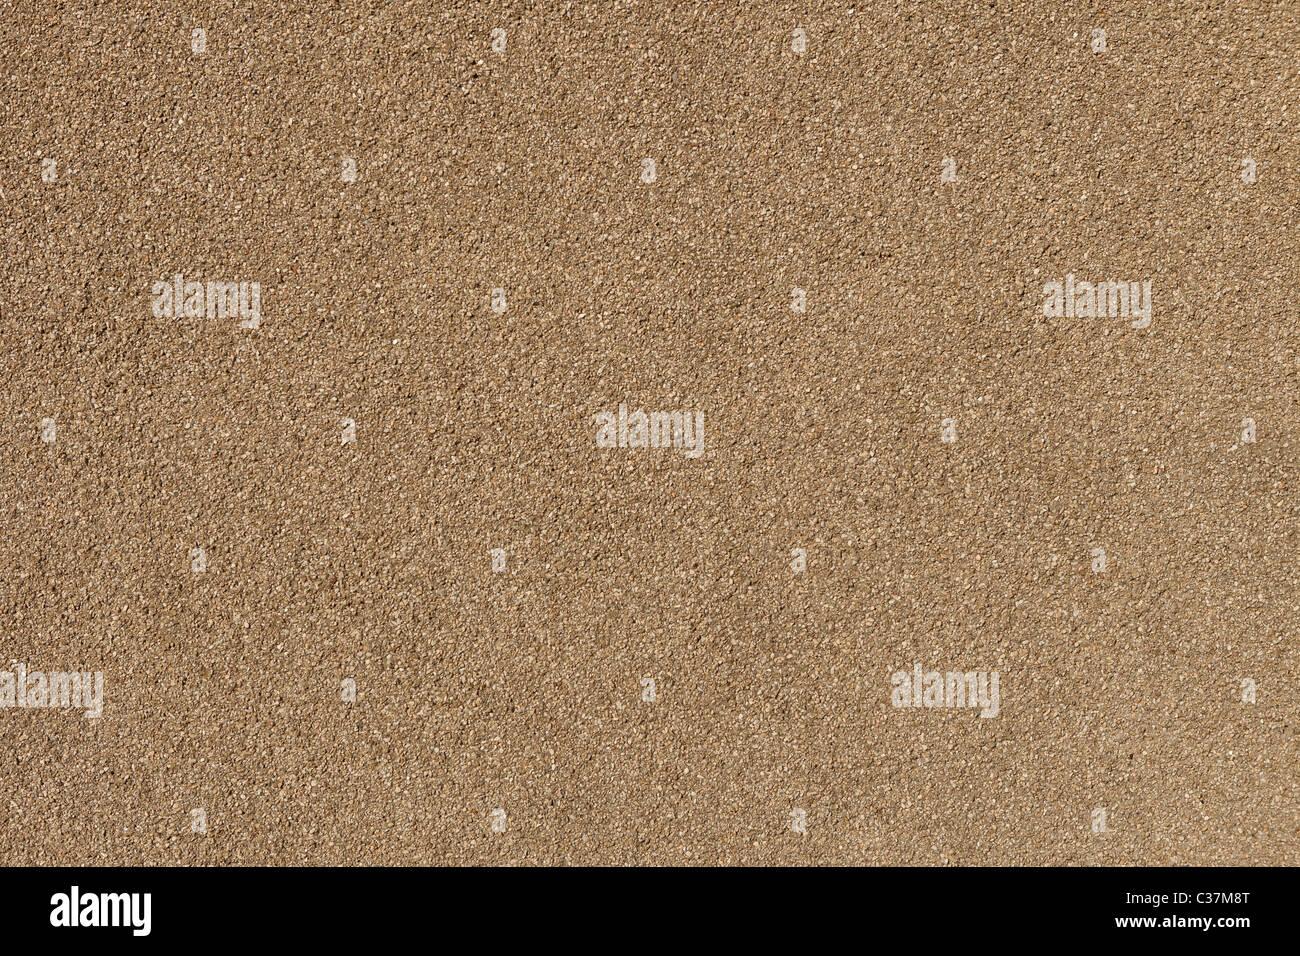 Ideal Cement Imágenes De Stock & Ideal Cement Fotos De Stock - Alamy